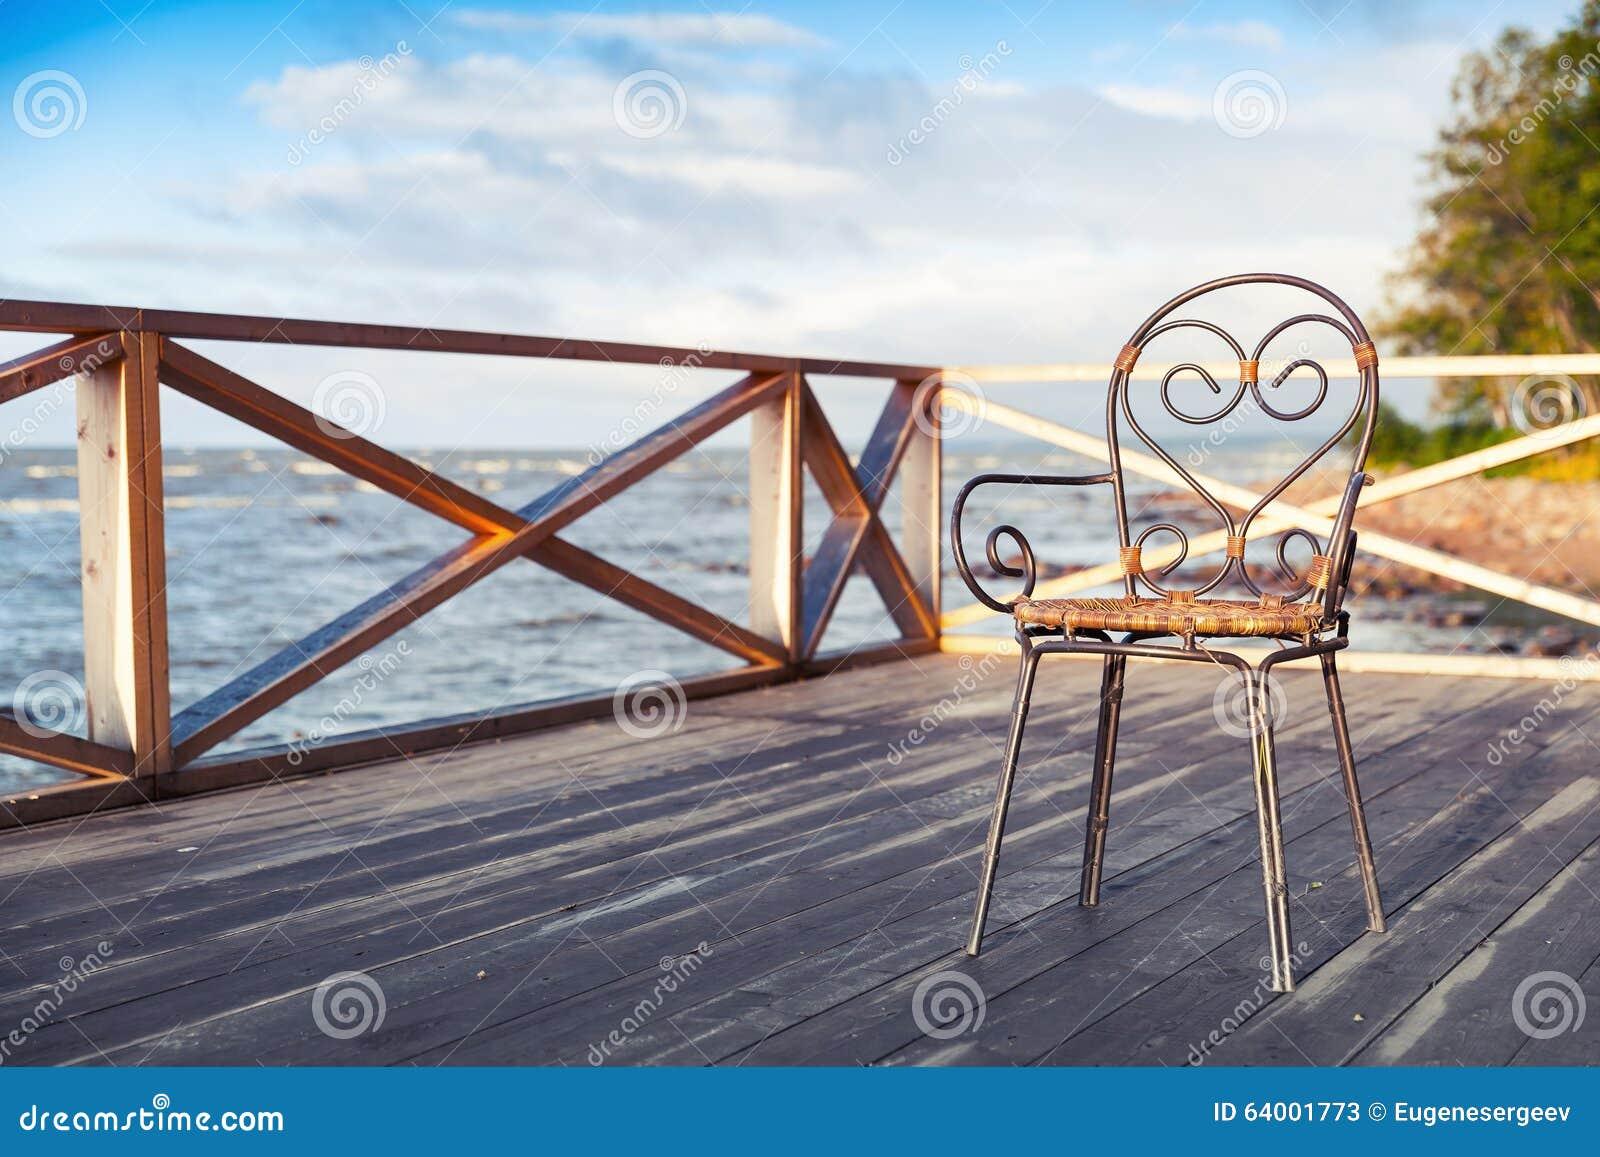 Chaise Fer Forgé Et Bois chaise en fer forgé se tenant sur la terrasse en bois image